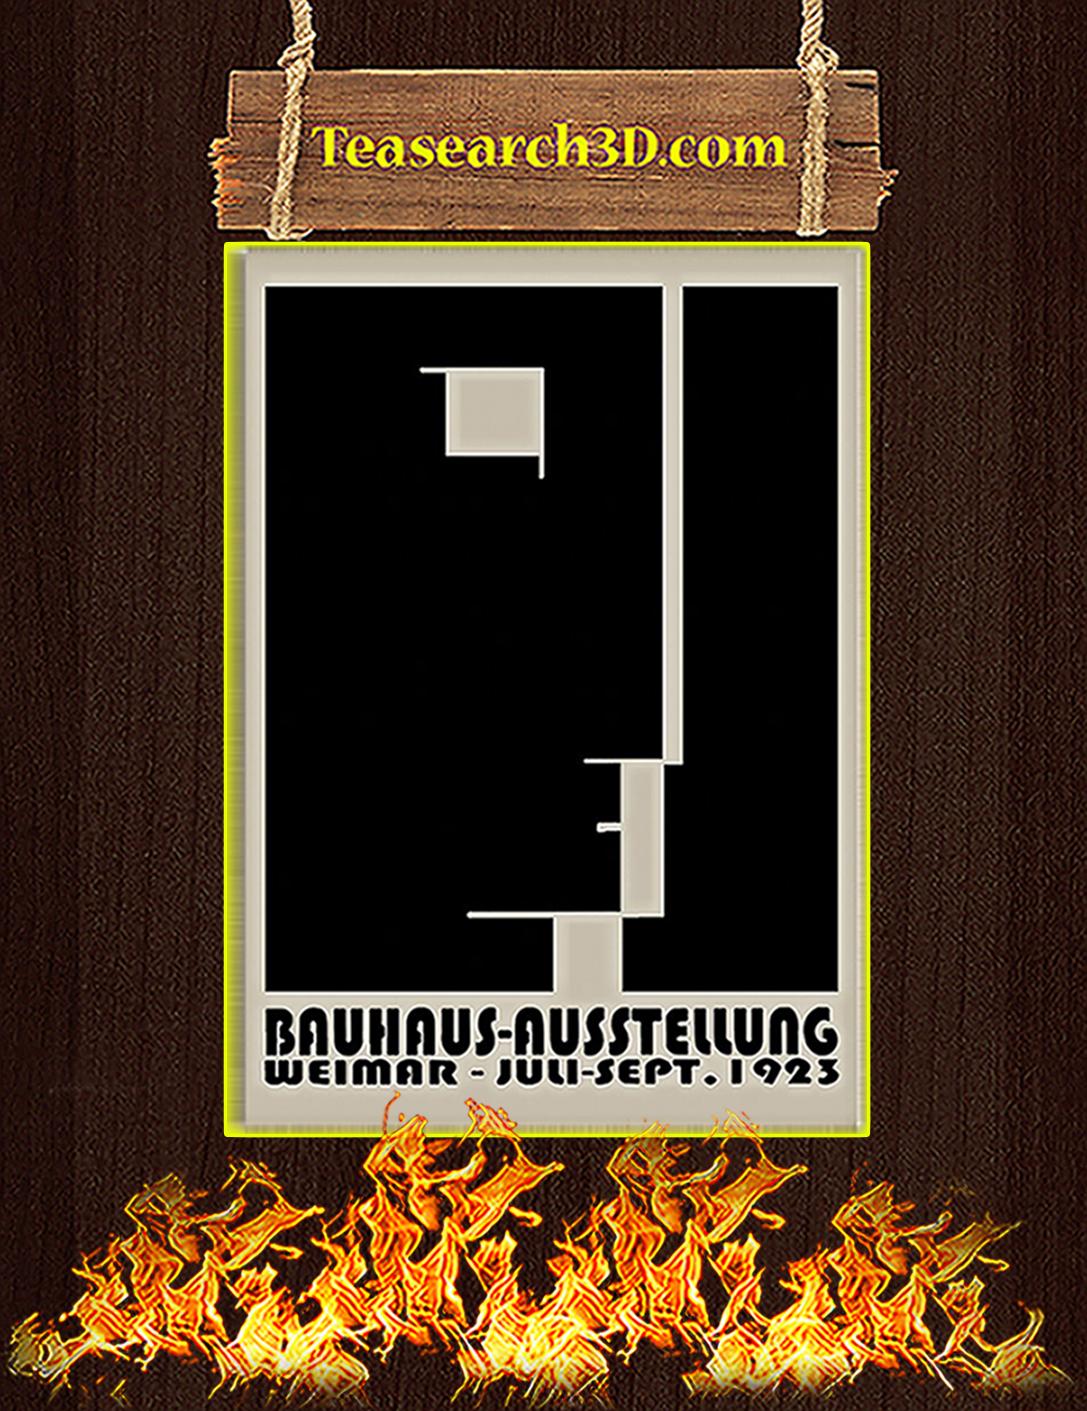 Bauhaus ausstellung weimar juli sept 1923 poster A2